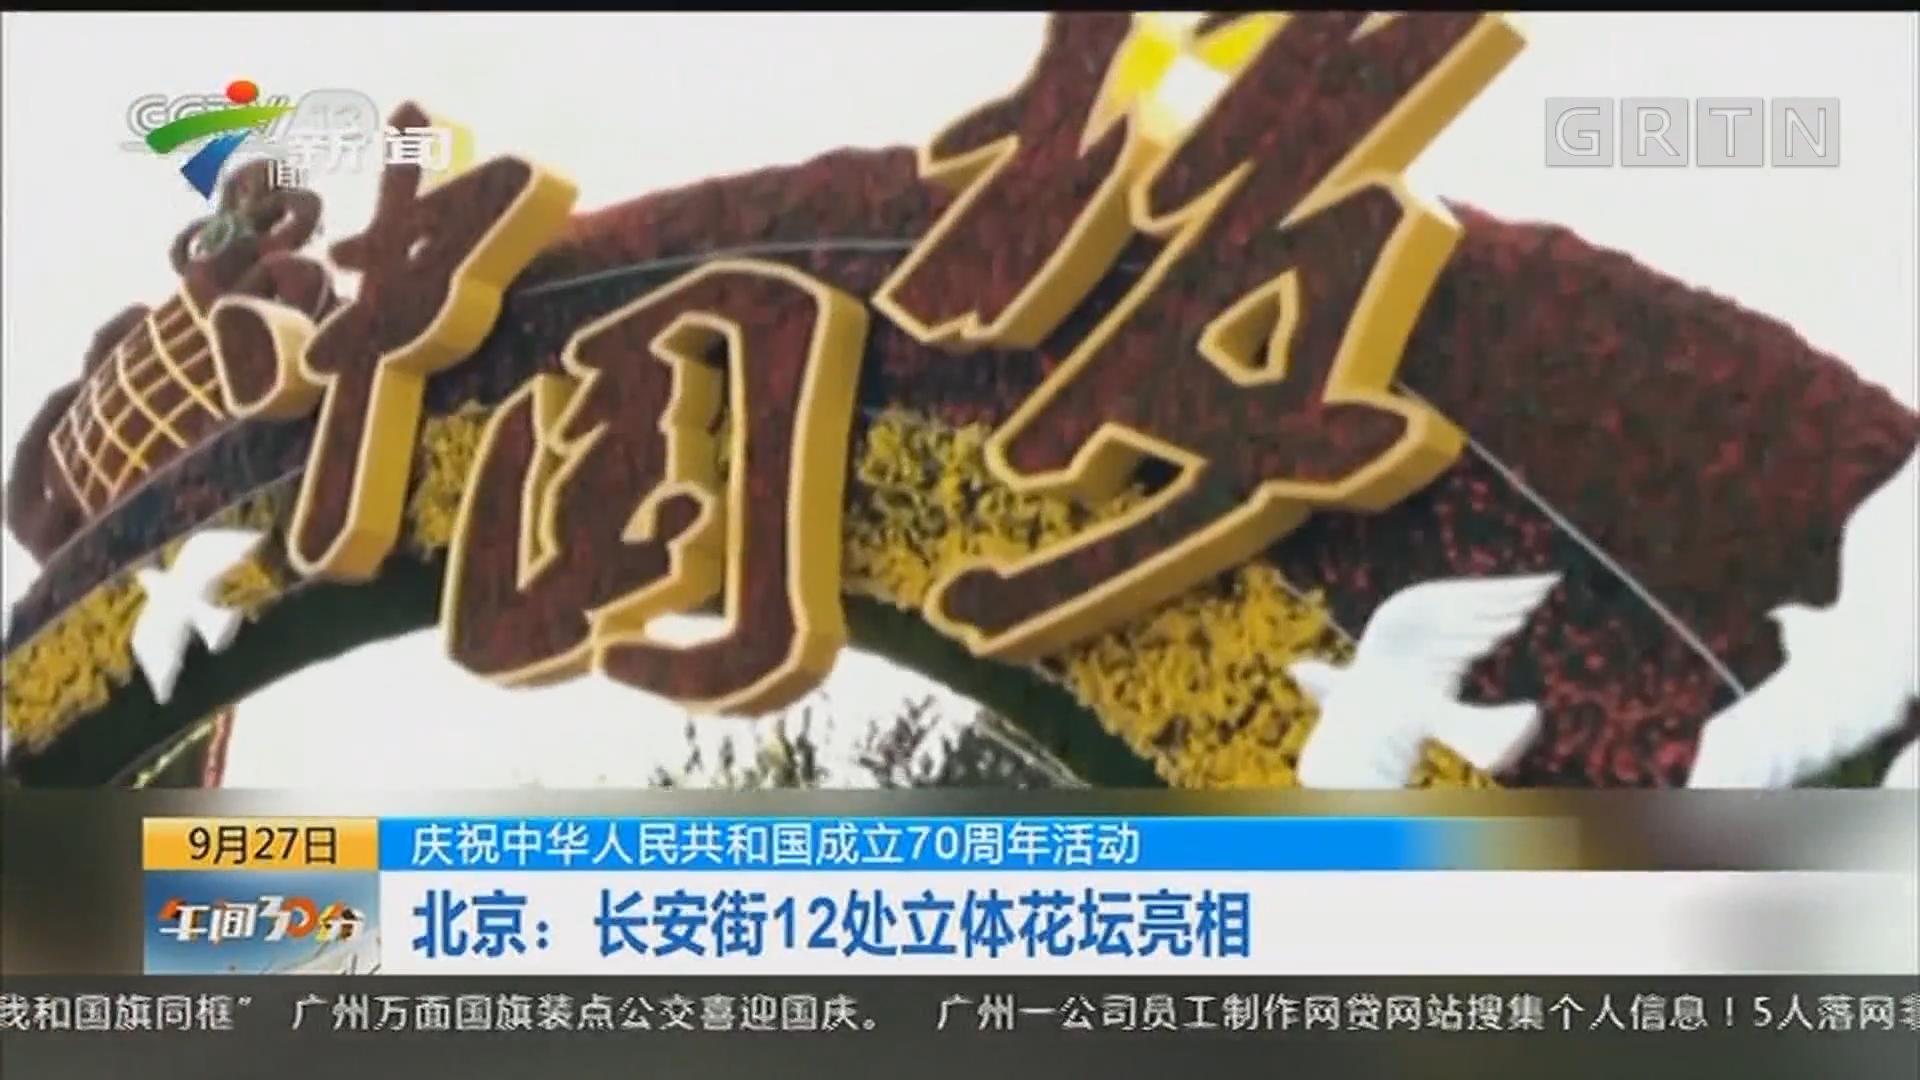 庆祝中华人民共和国成立70周年活动 北京:长安街12处立体花坛亮相